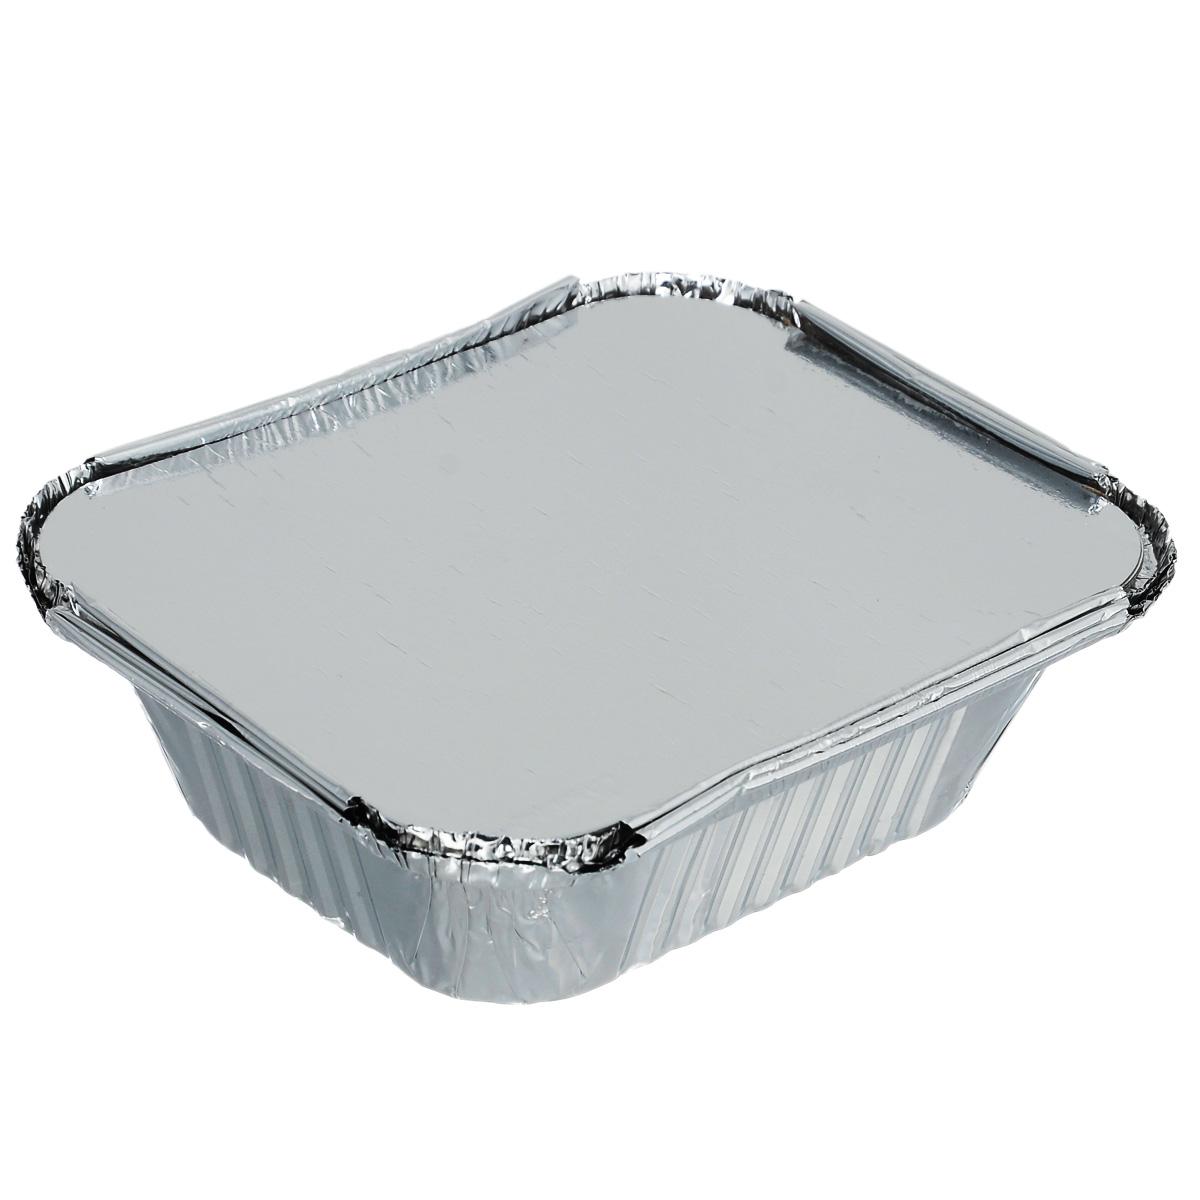 Набор форм для заливного Home Queen, с крышками, 3 шт115510Набор Home Queen, выполненный из алюминиевой фольги состоит из трех форм с крышками. Форма удобная в использовании и идеально подходит для порционного холодца и заливного. Компактное хранение в холодильнике. Крышка не пропускает запахи. Формы также можно использовать без крышки для запекания в духовом шкафу.Размер формы: 15 см х 12 см х 4,5 см.Количество форм: 3 шт.